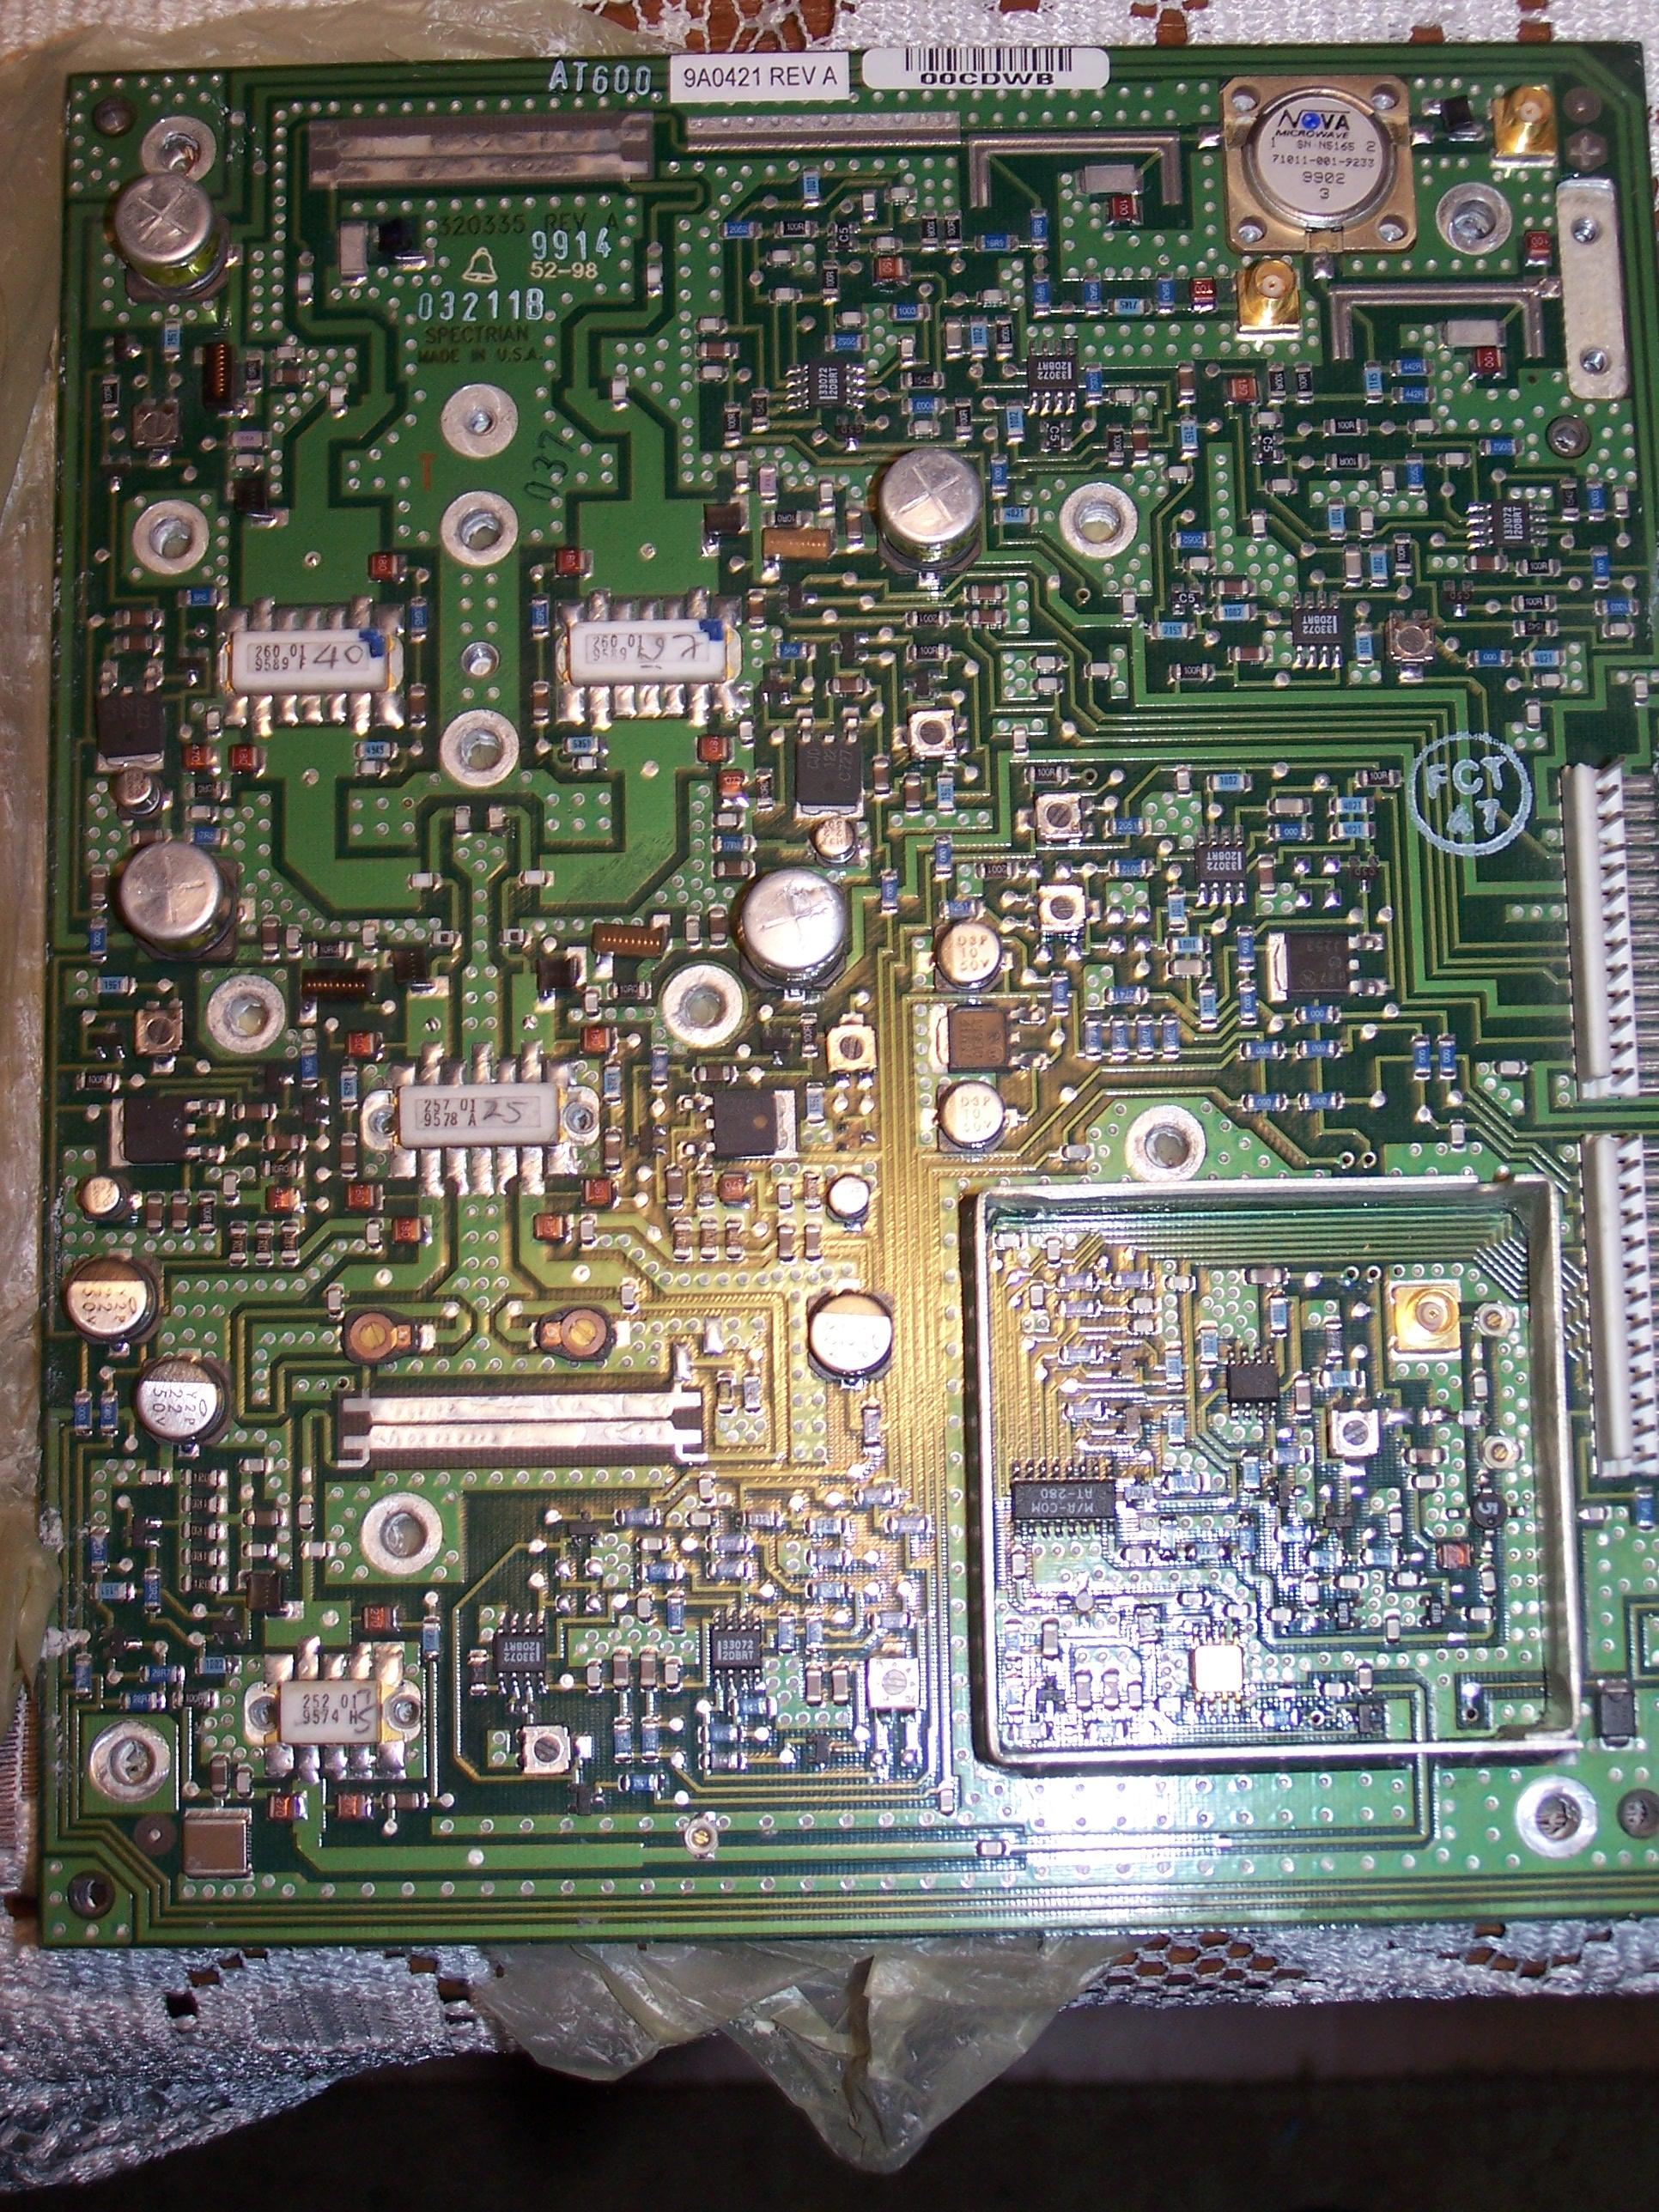 Szukam informacji o tranzystorach z pasma 2GHz - 252(9574 H); 257(9578 A); 260(9